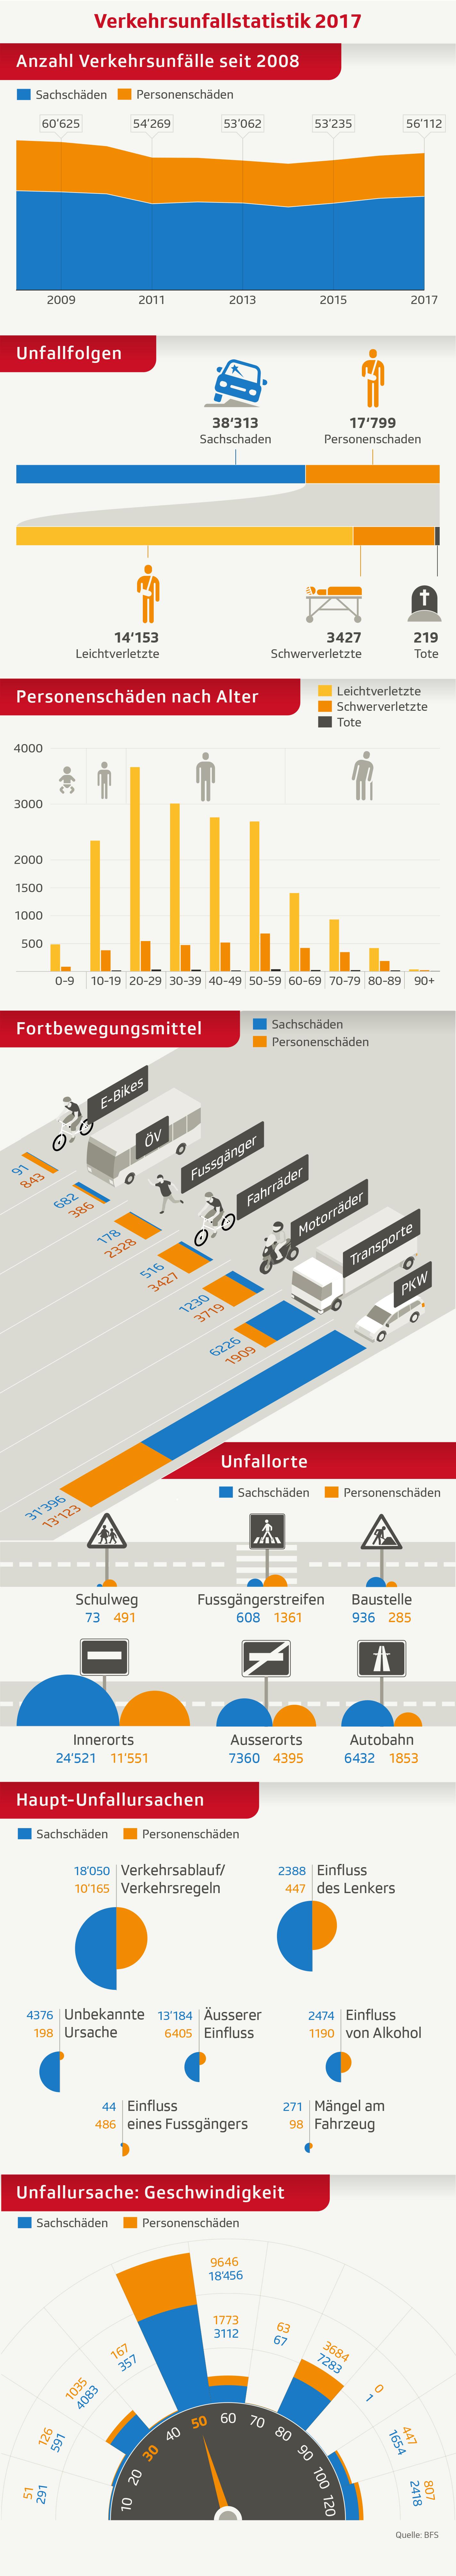 Infografik: Strassenverkehr